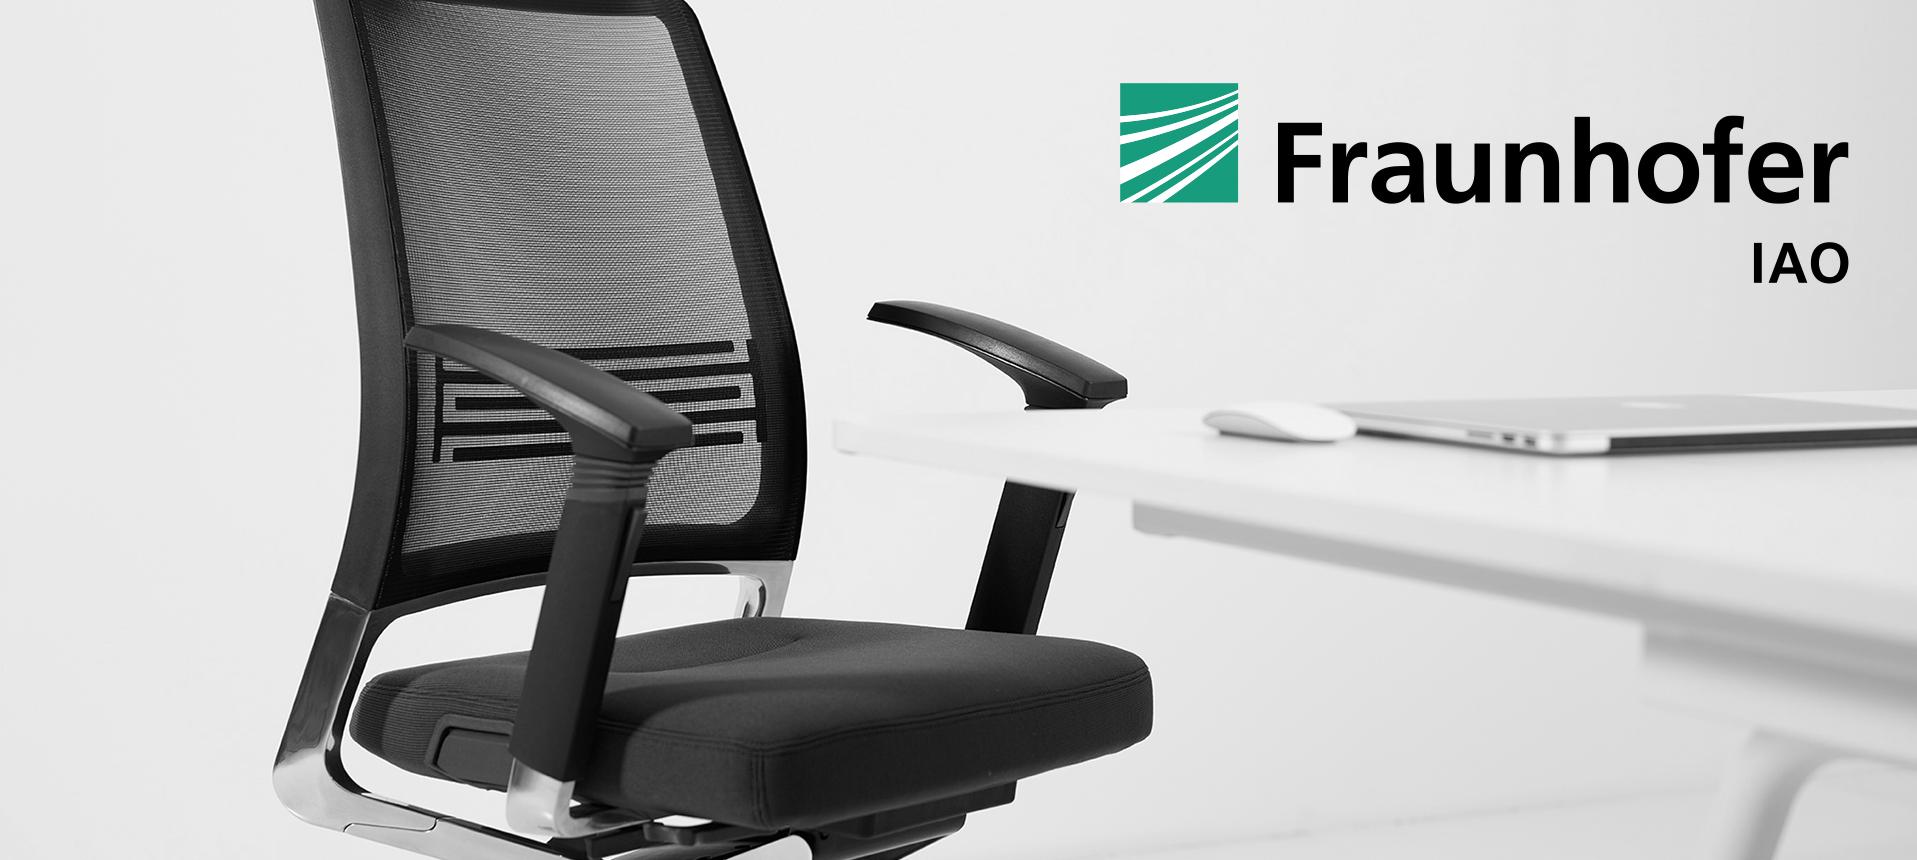 Fraunhofer Und Interstuhl Zusammenspiel Von Forschung Und Praxis